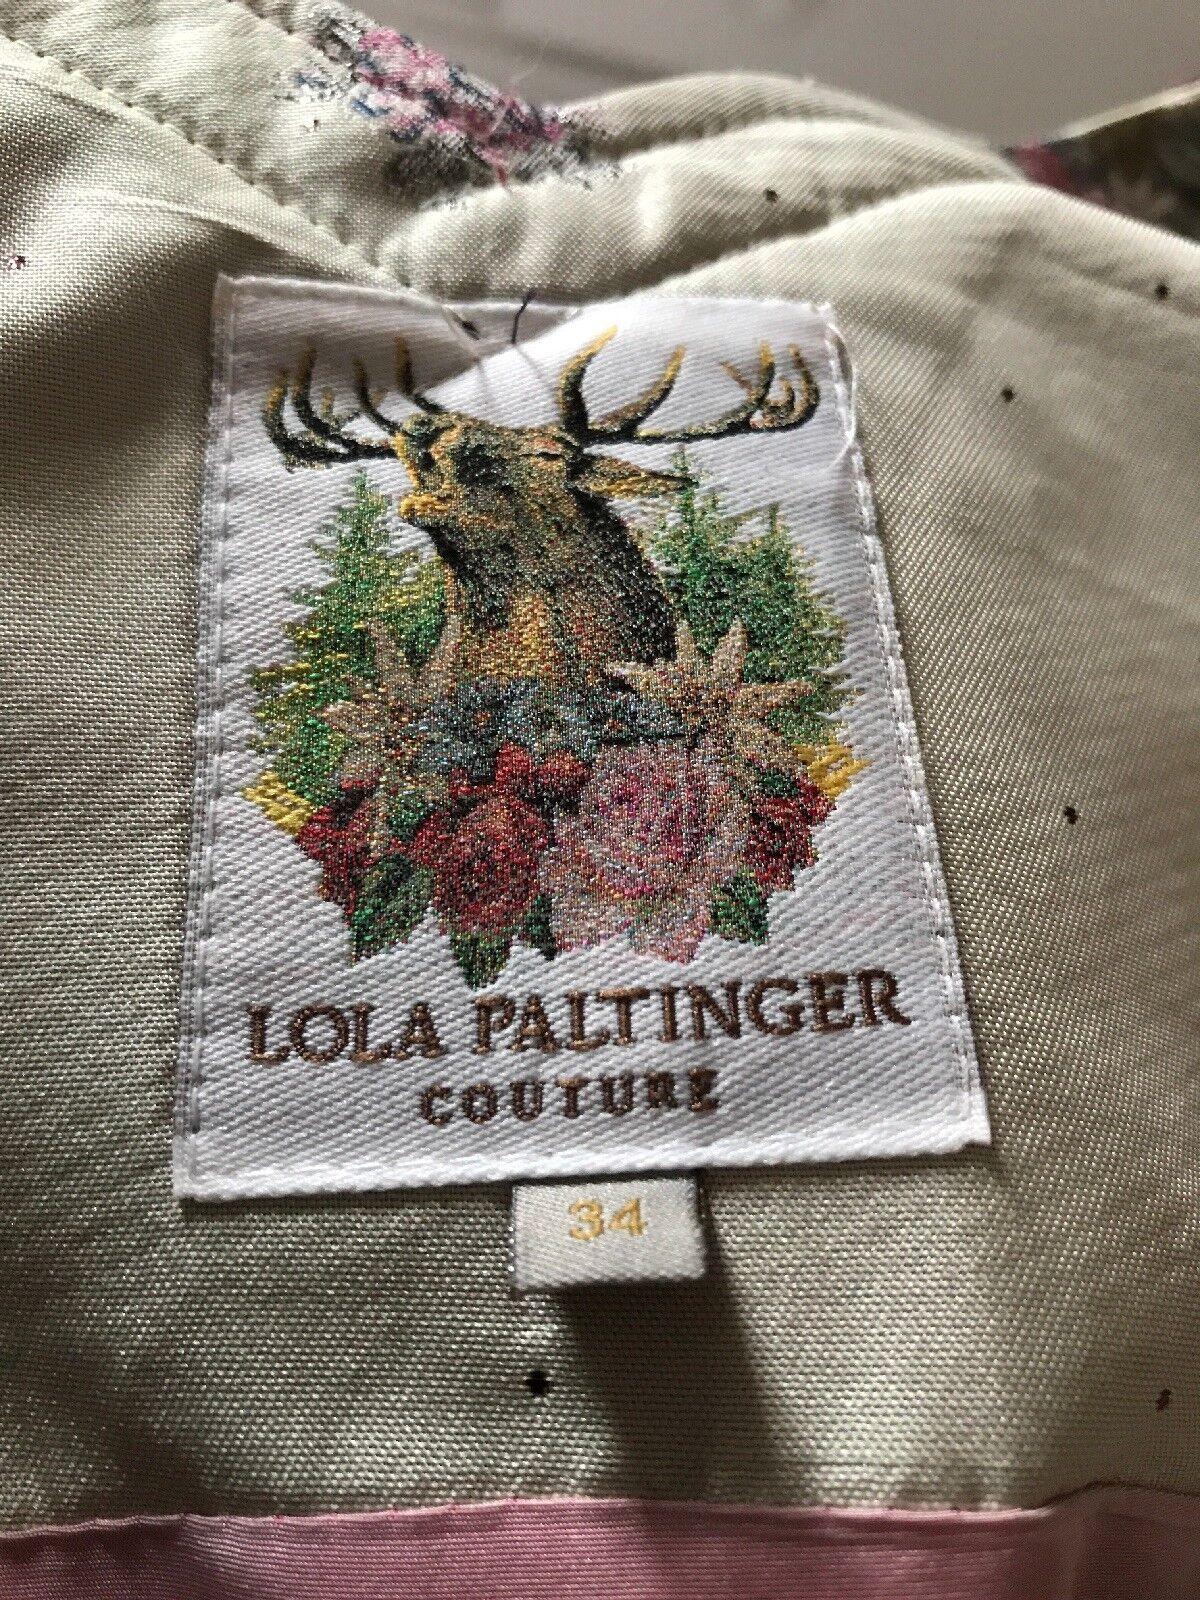 Lola Paltinger Couture Couture Couture Dirndl Mieder Marie Brautmieder Seidenmieder Oktoberfest | Angenehmes Aussehen  | Ausreichende Versorgung  | Um Sowohl Die Qualität Der Zähigkeit Und Härte  c968cb